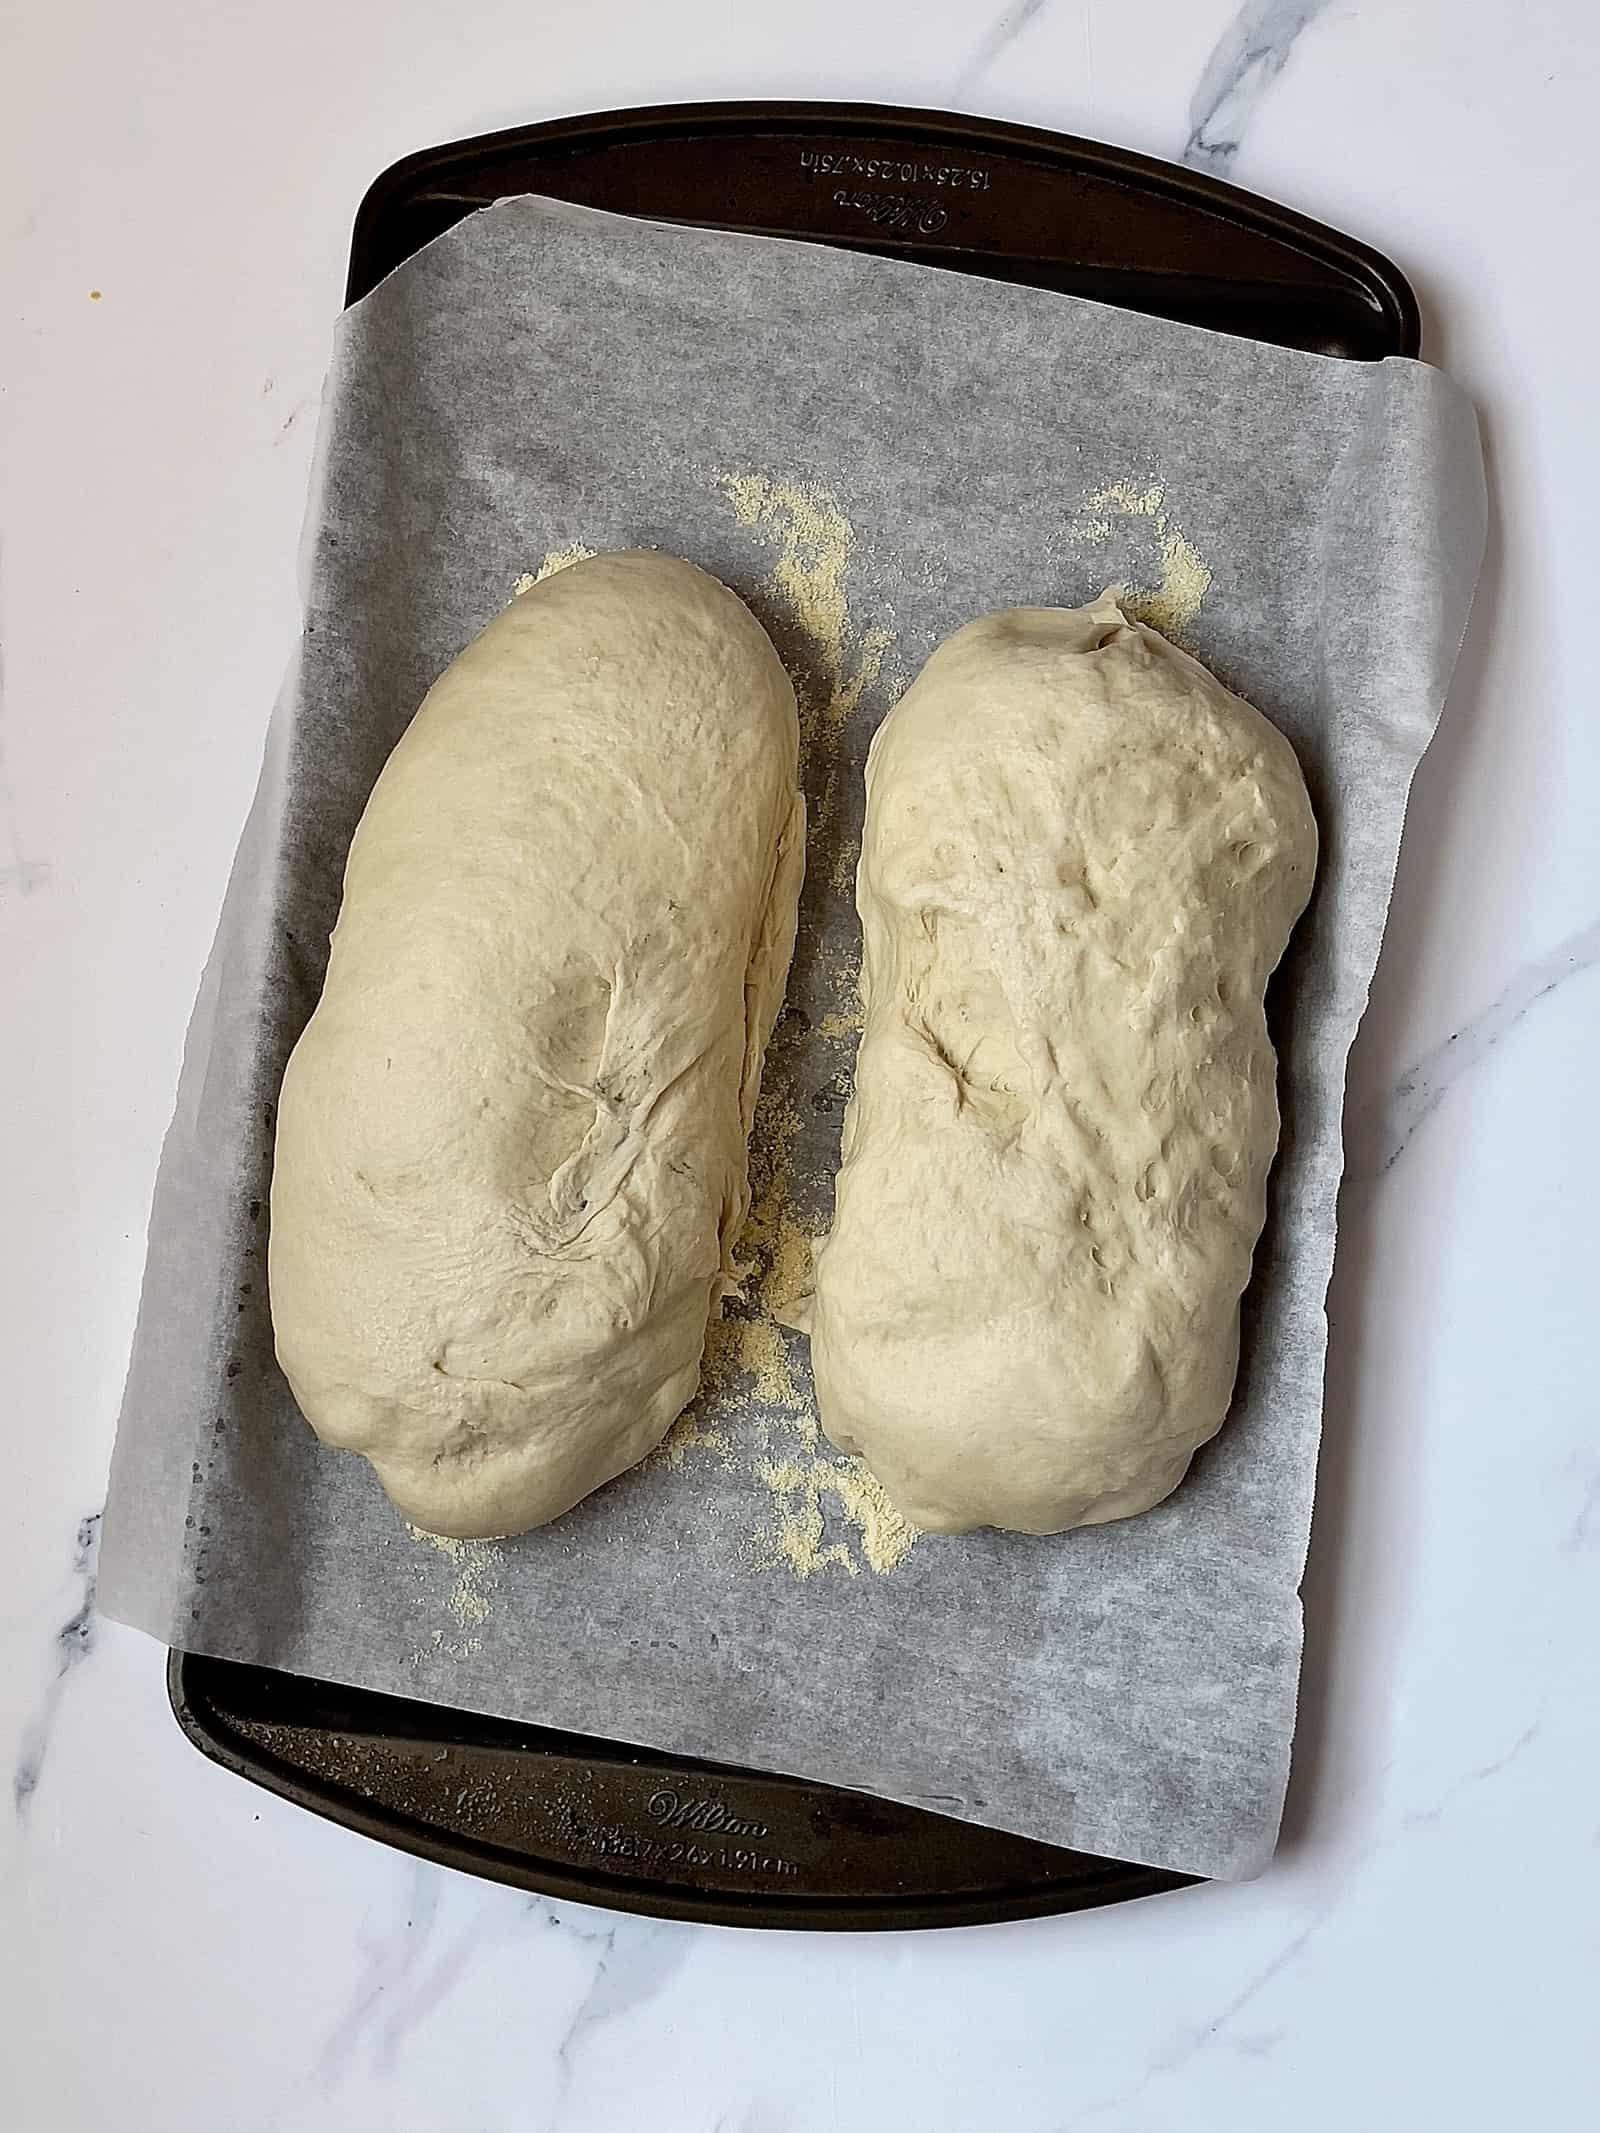 2 risen loaves of dough on a baking sheet